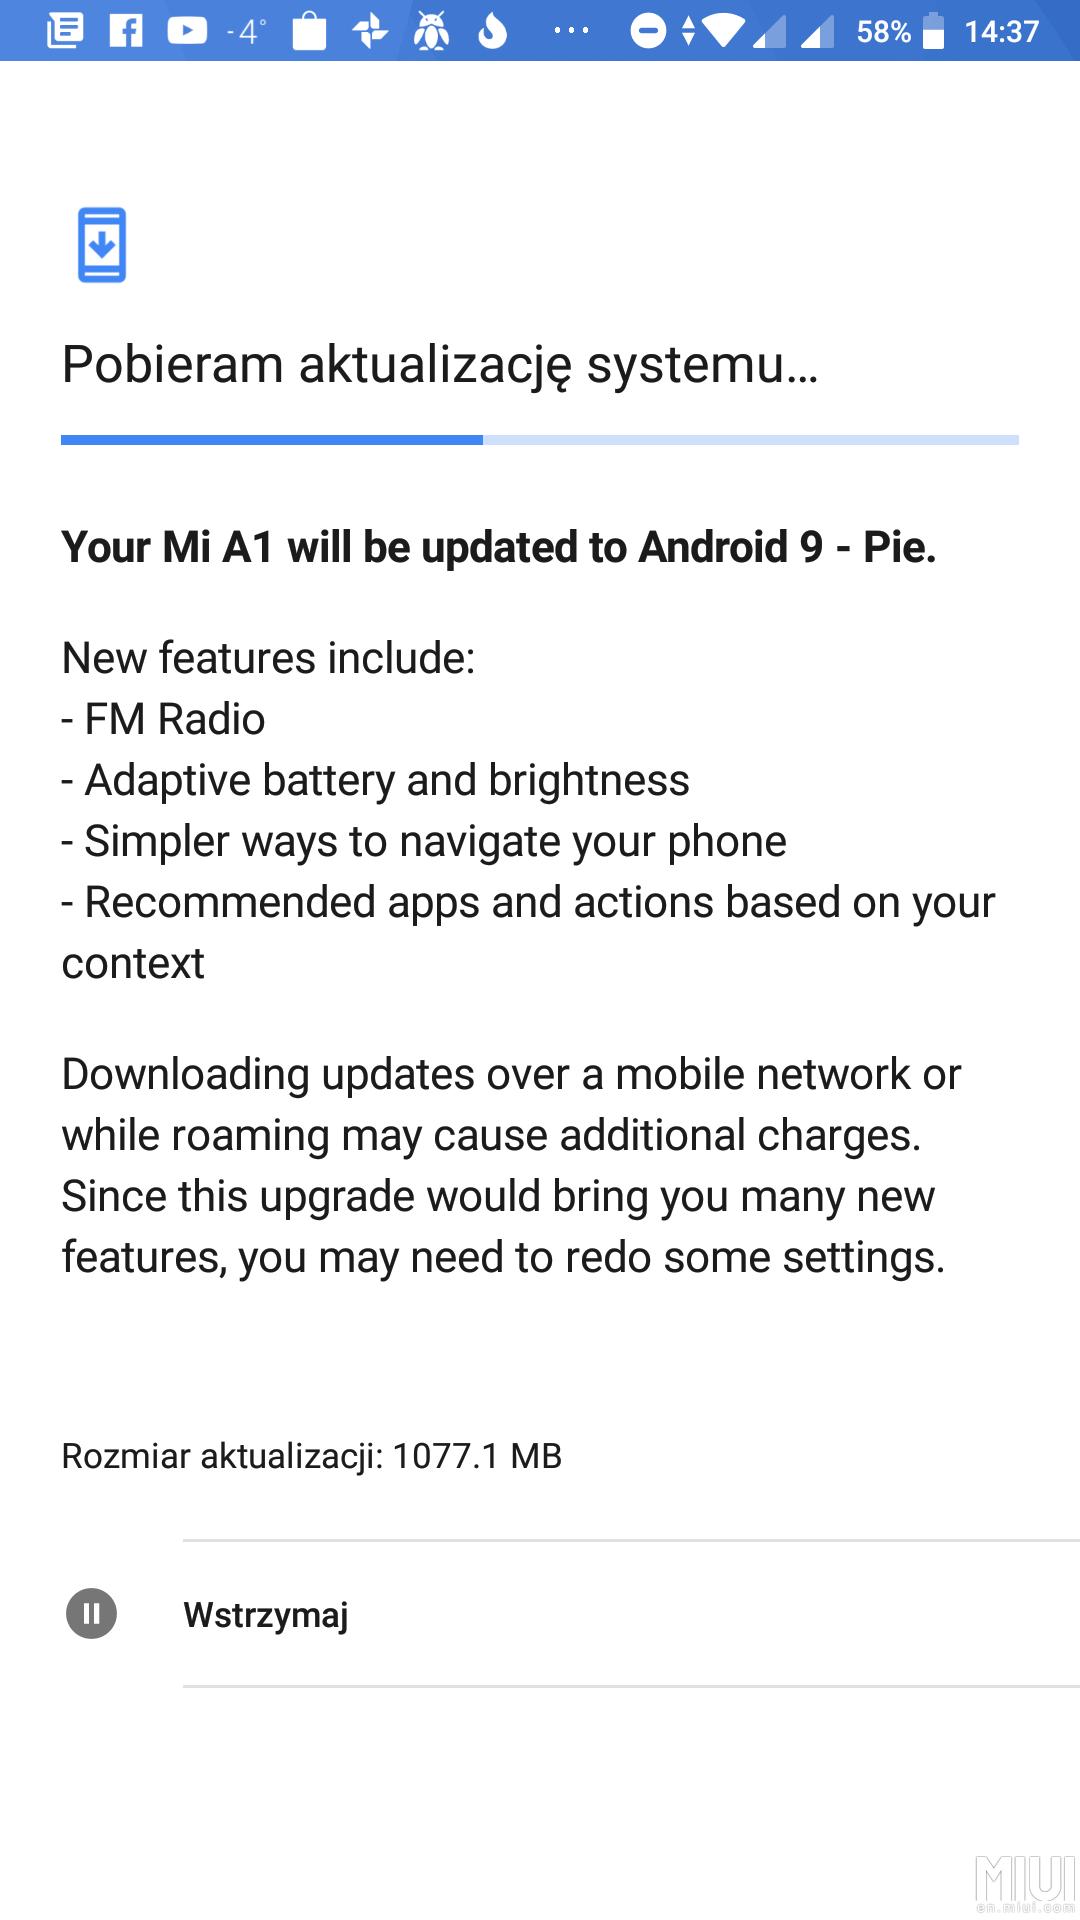 Mi A1 Pie update 2